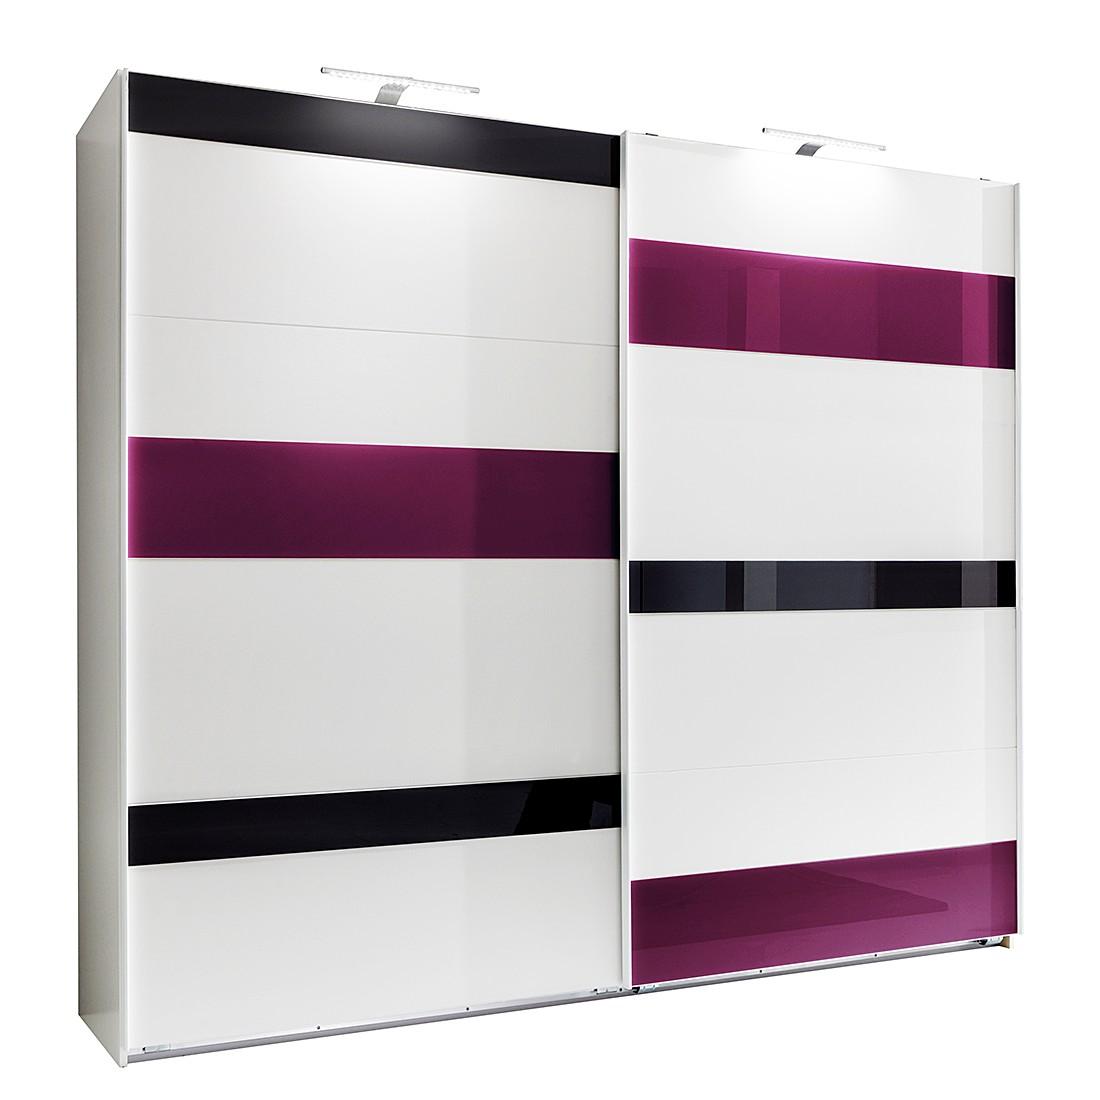 goedkoop Schuifdeurkast Mondrian Alpinewit braamkleurig glas 270cm 2 deurs Wimex